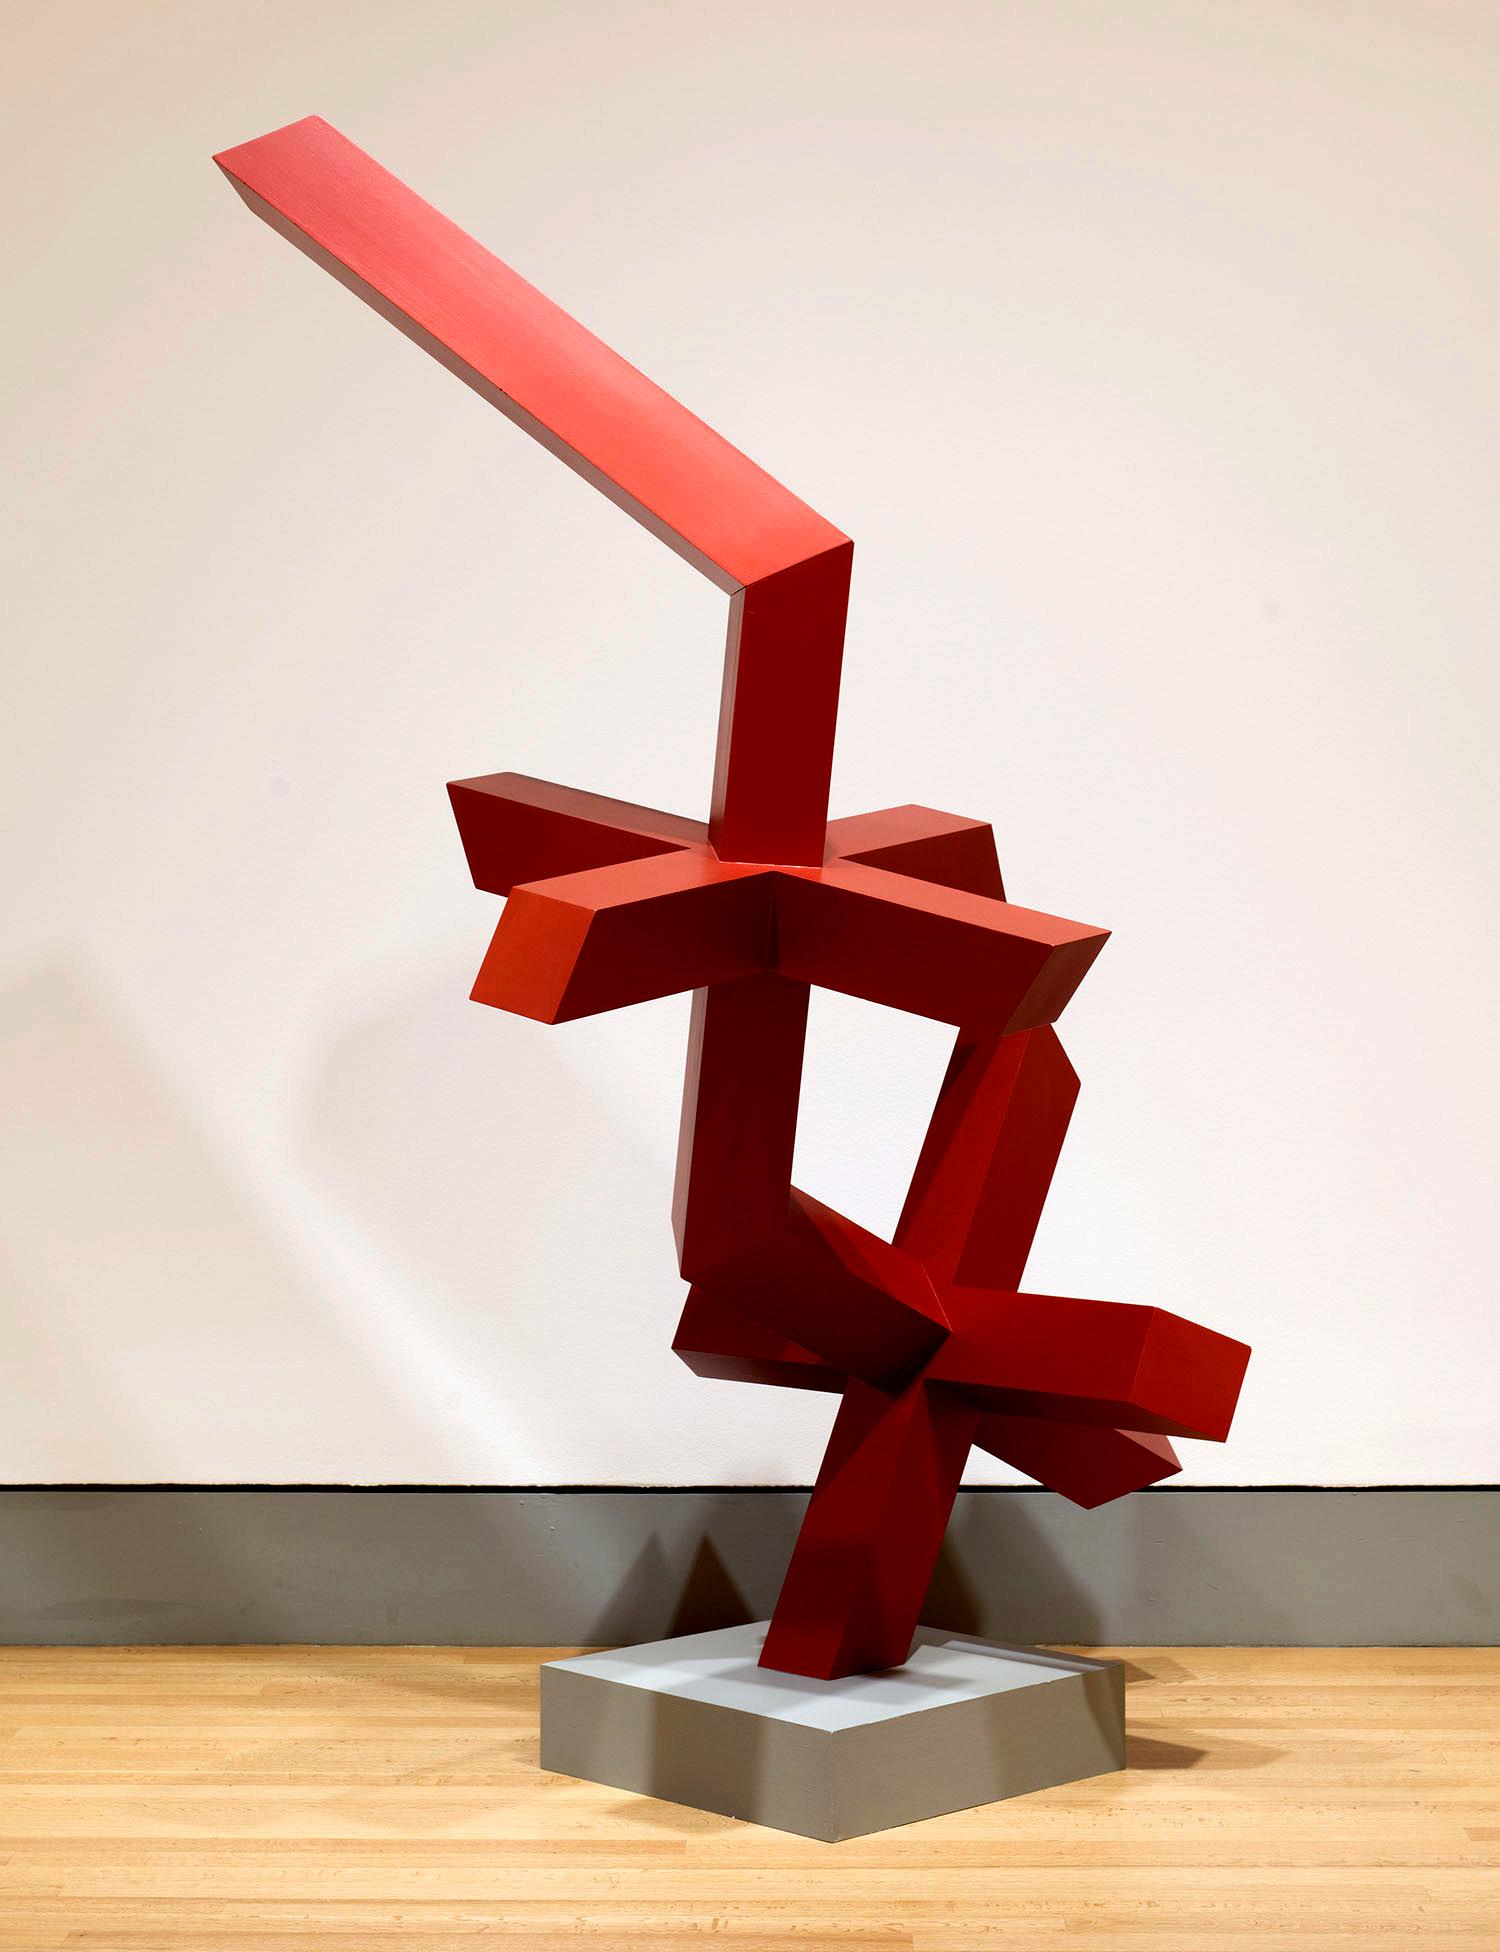 Jali XXXII: Sashay Red   2012. Acrylic on wood. 96 x 48 x 48 in., 243.8 x 121.9 x 121.9 cm.